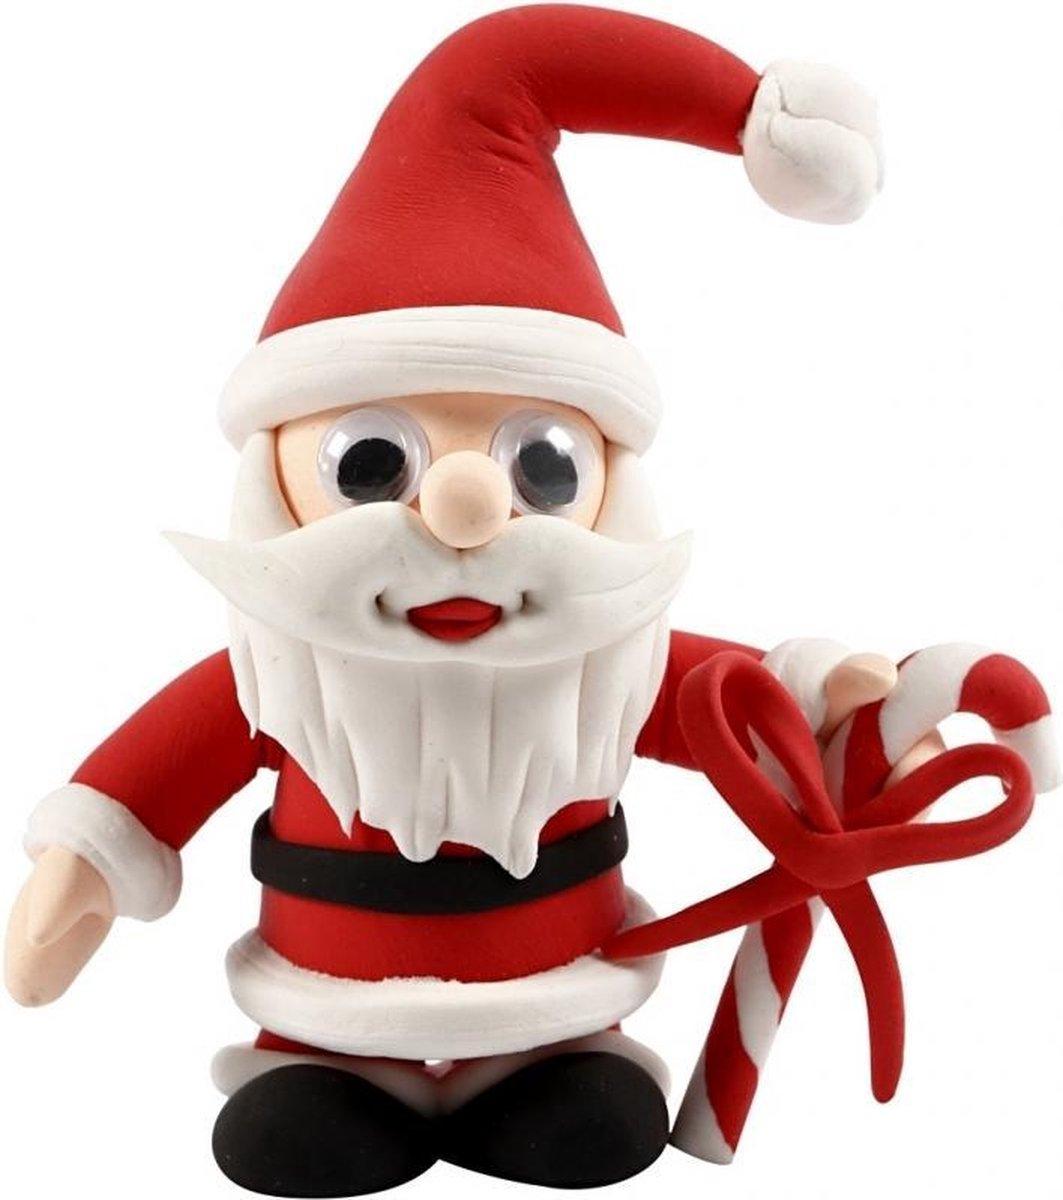 Kerst Knutselset kerstman van klei